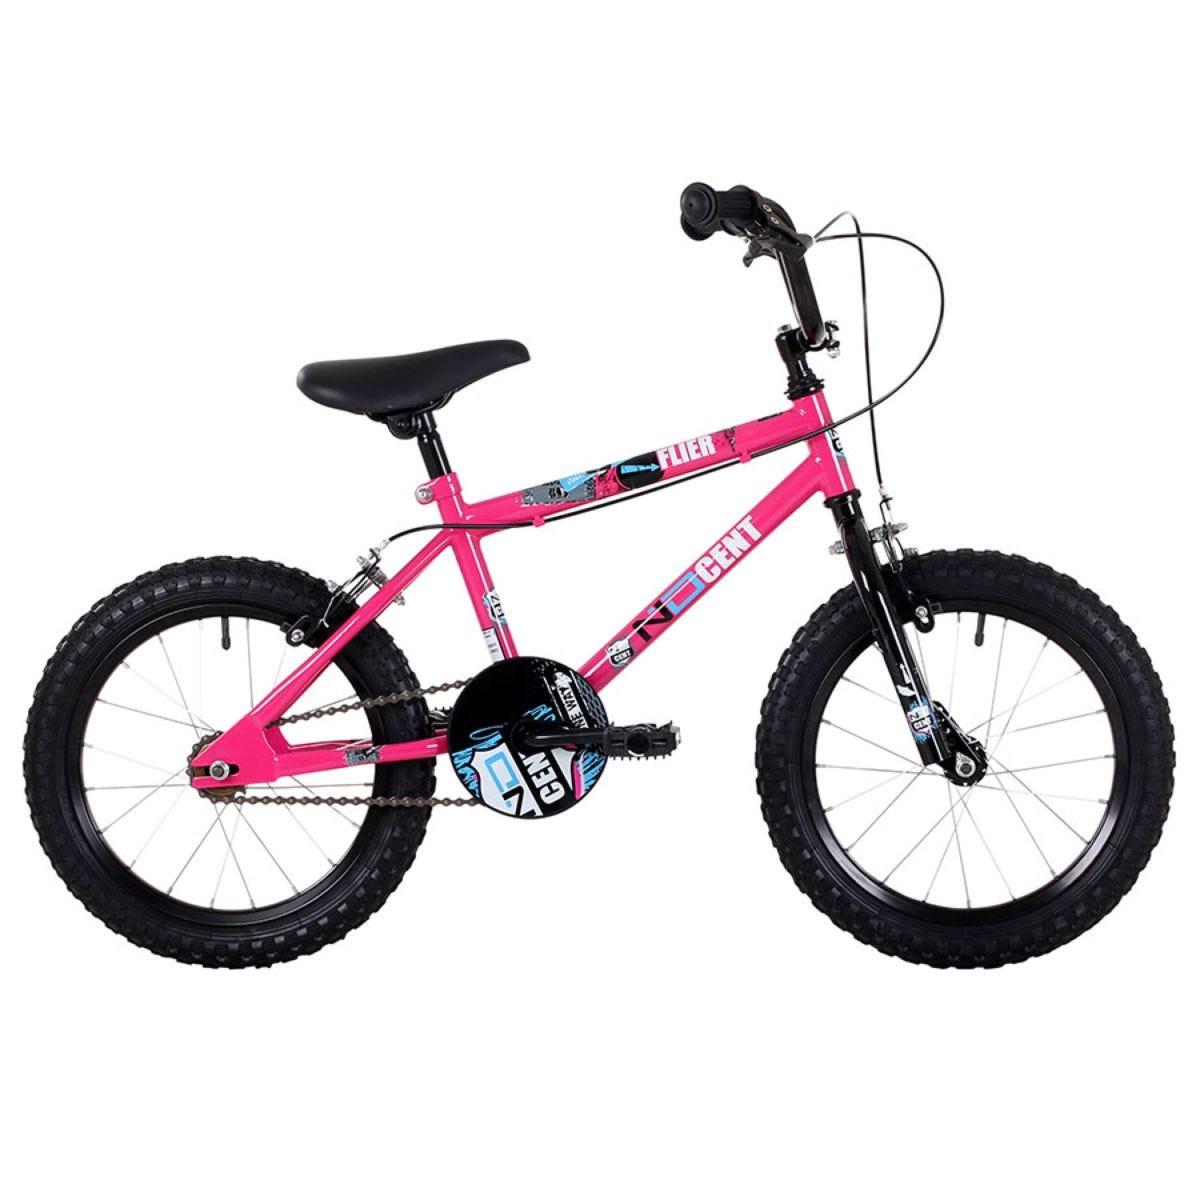 Ndcent Flier BMX Girls Bike 16